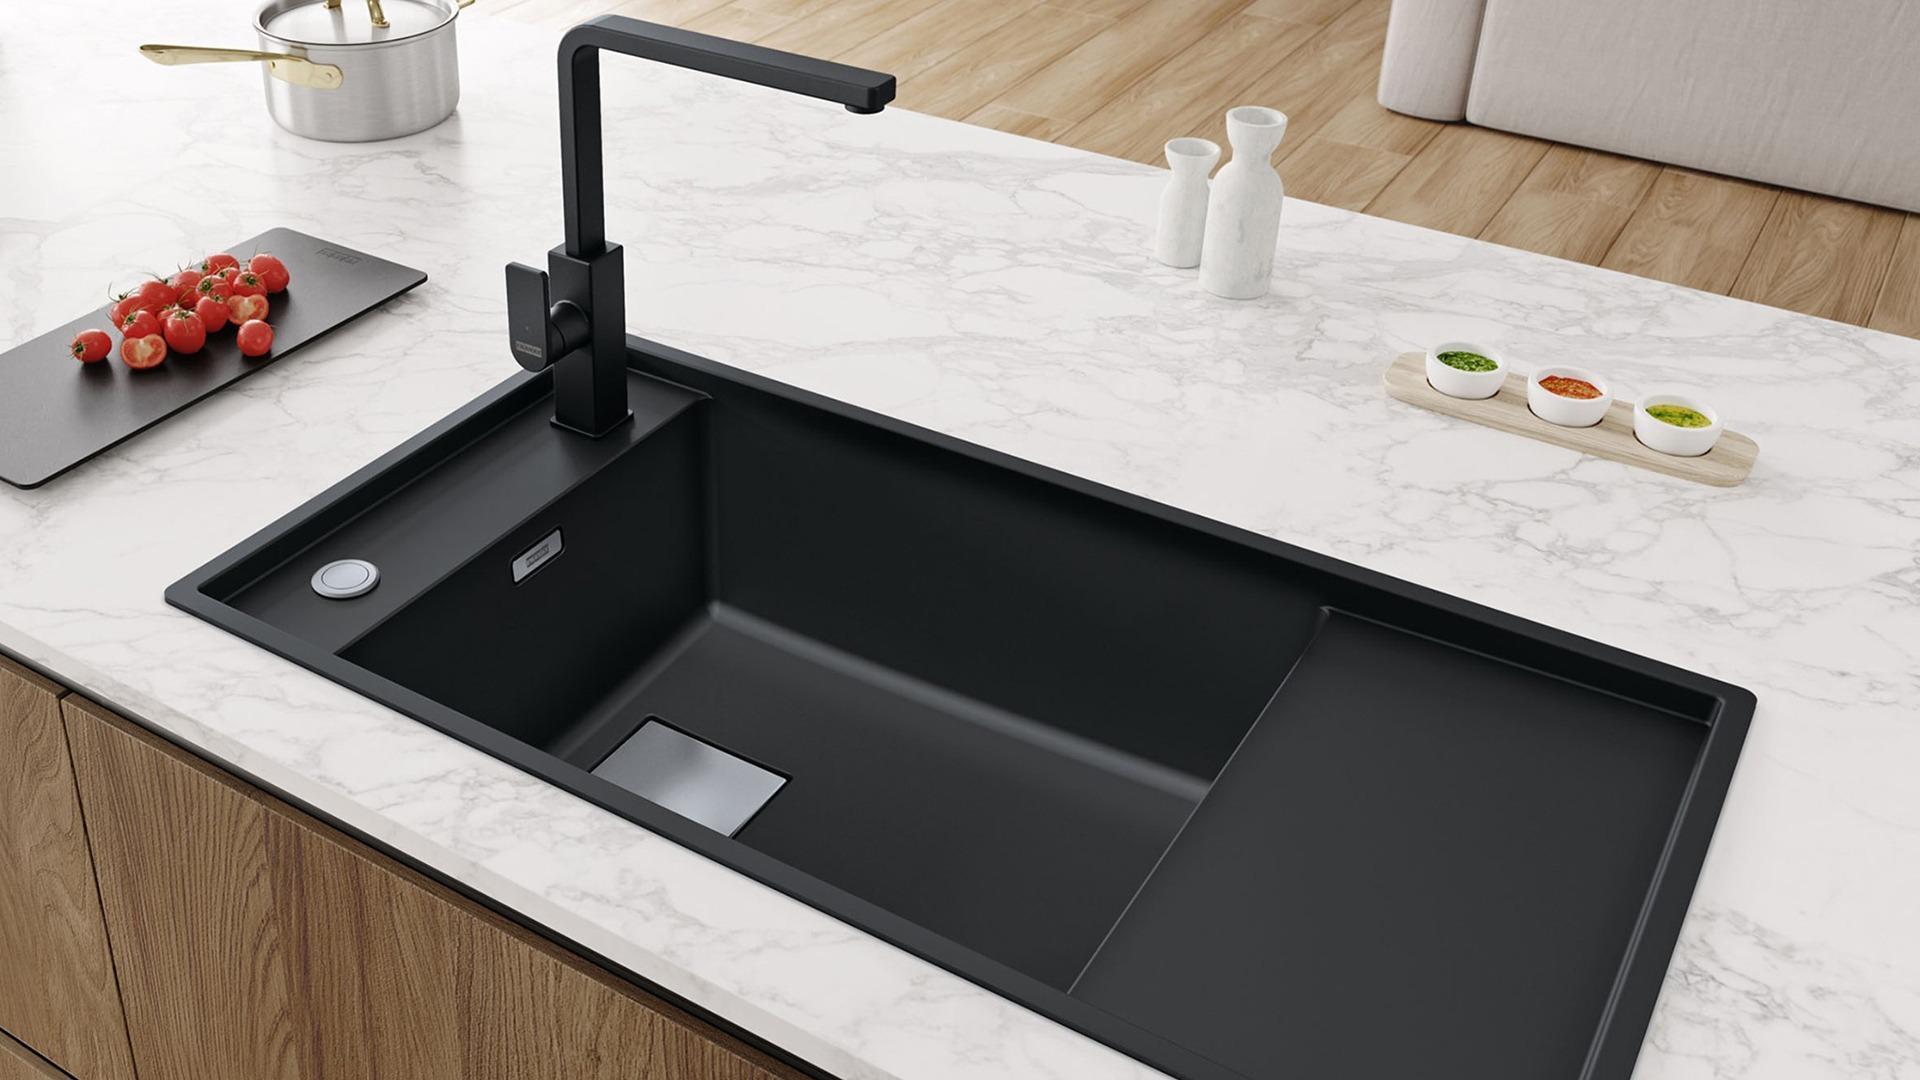 Sink-one-tube-fragranite-Franke-IDW-Italia-Biella-Prague